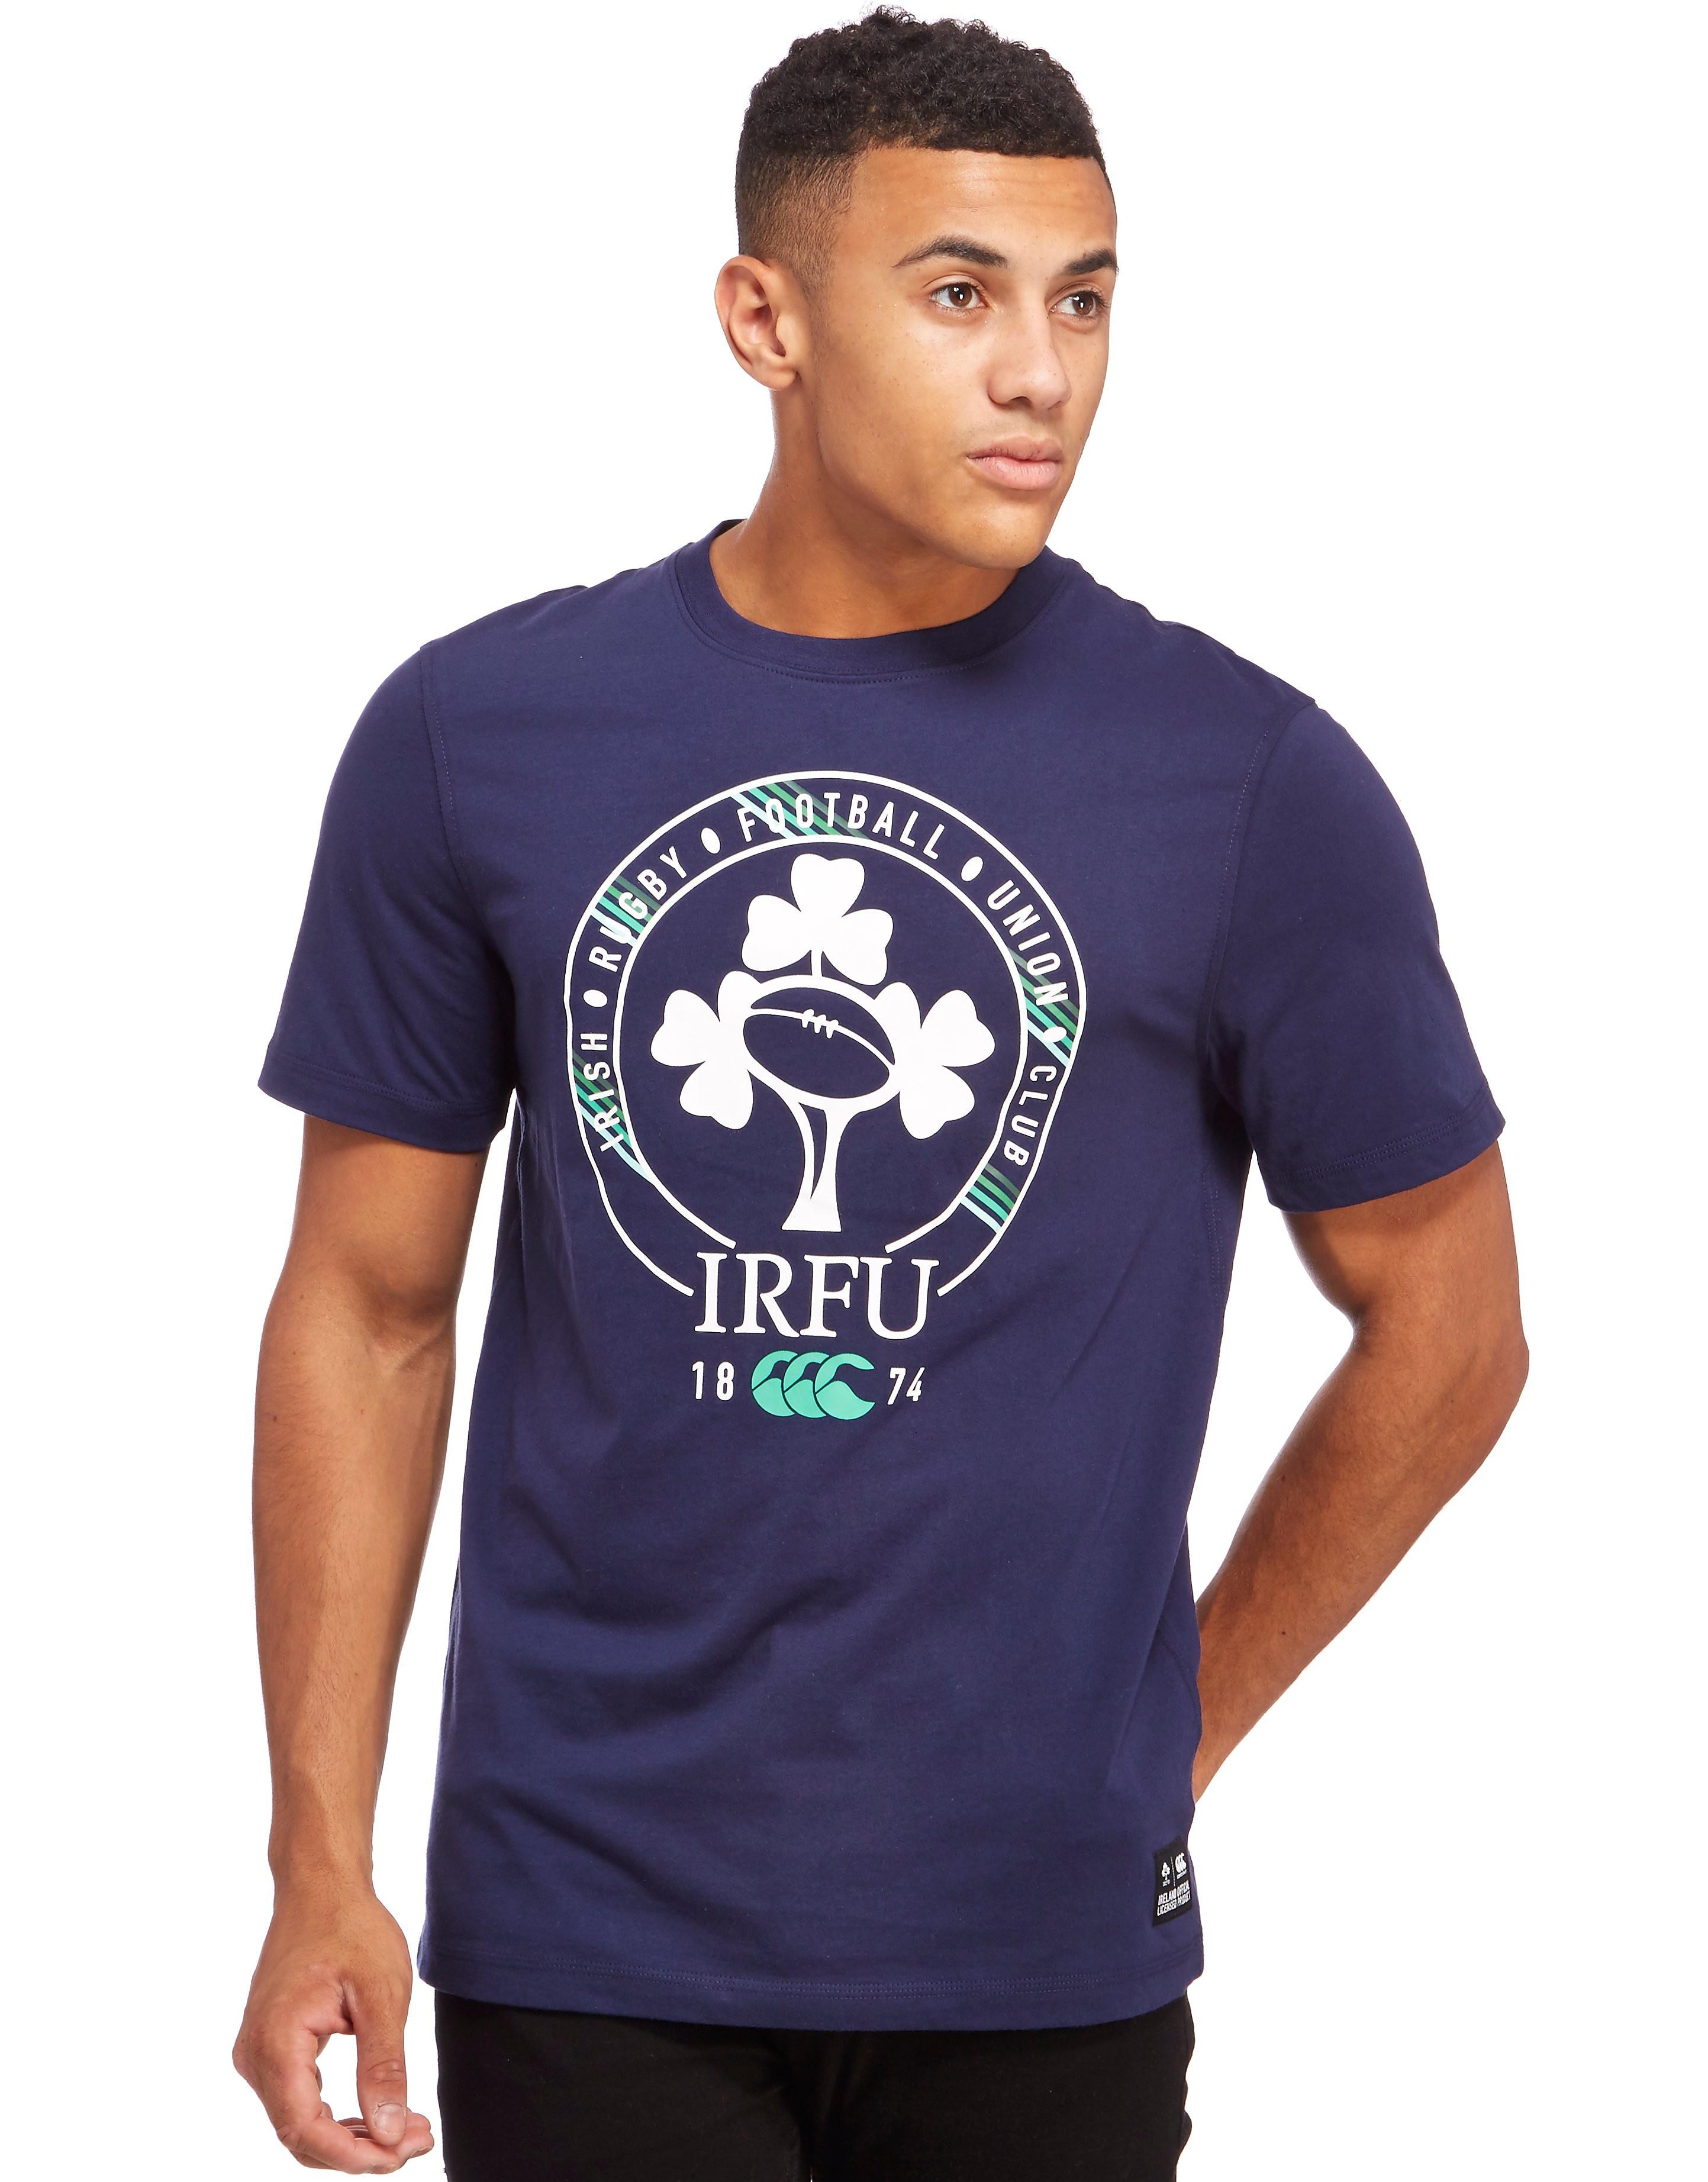 Canterbury IRFU Graphic T-Shirt